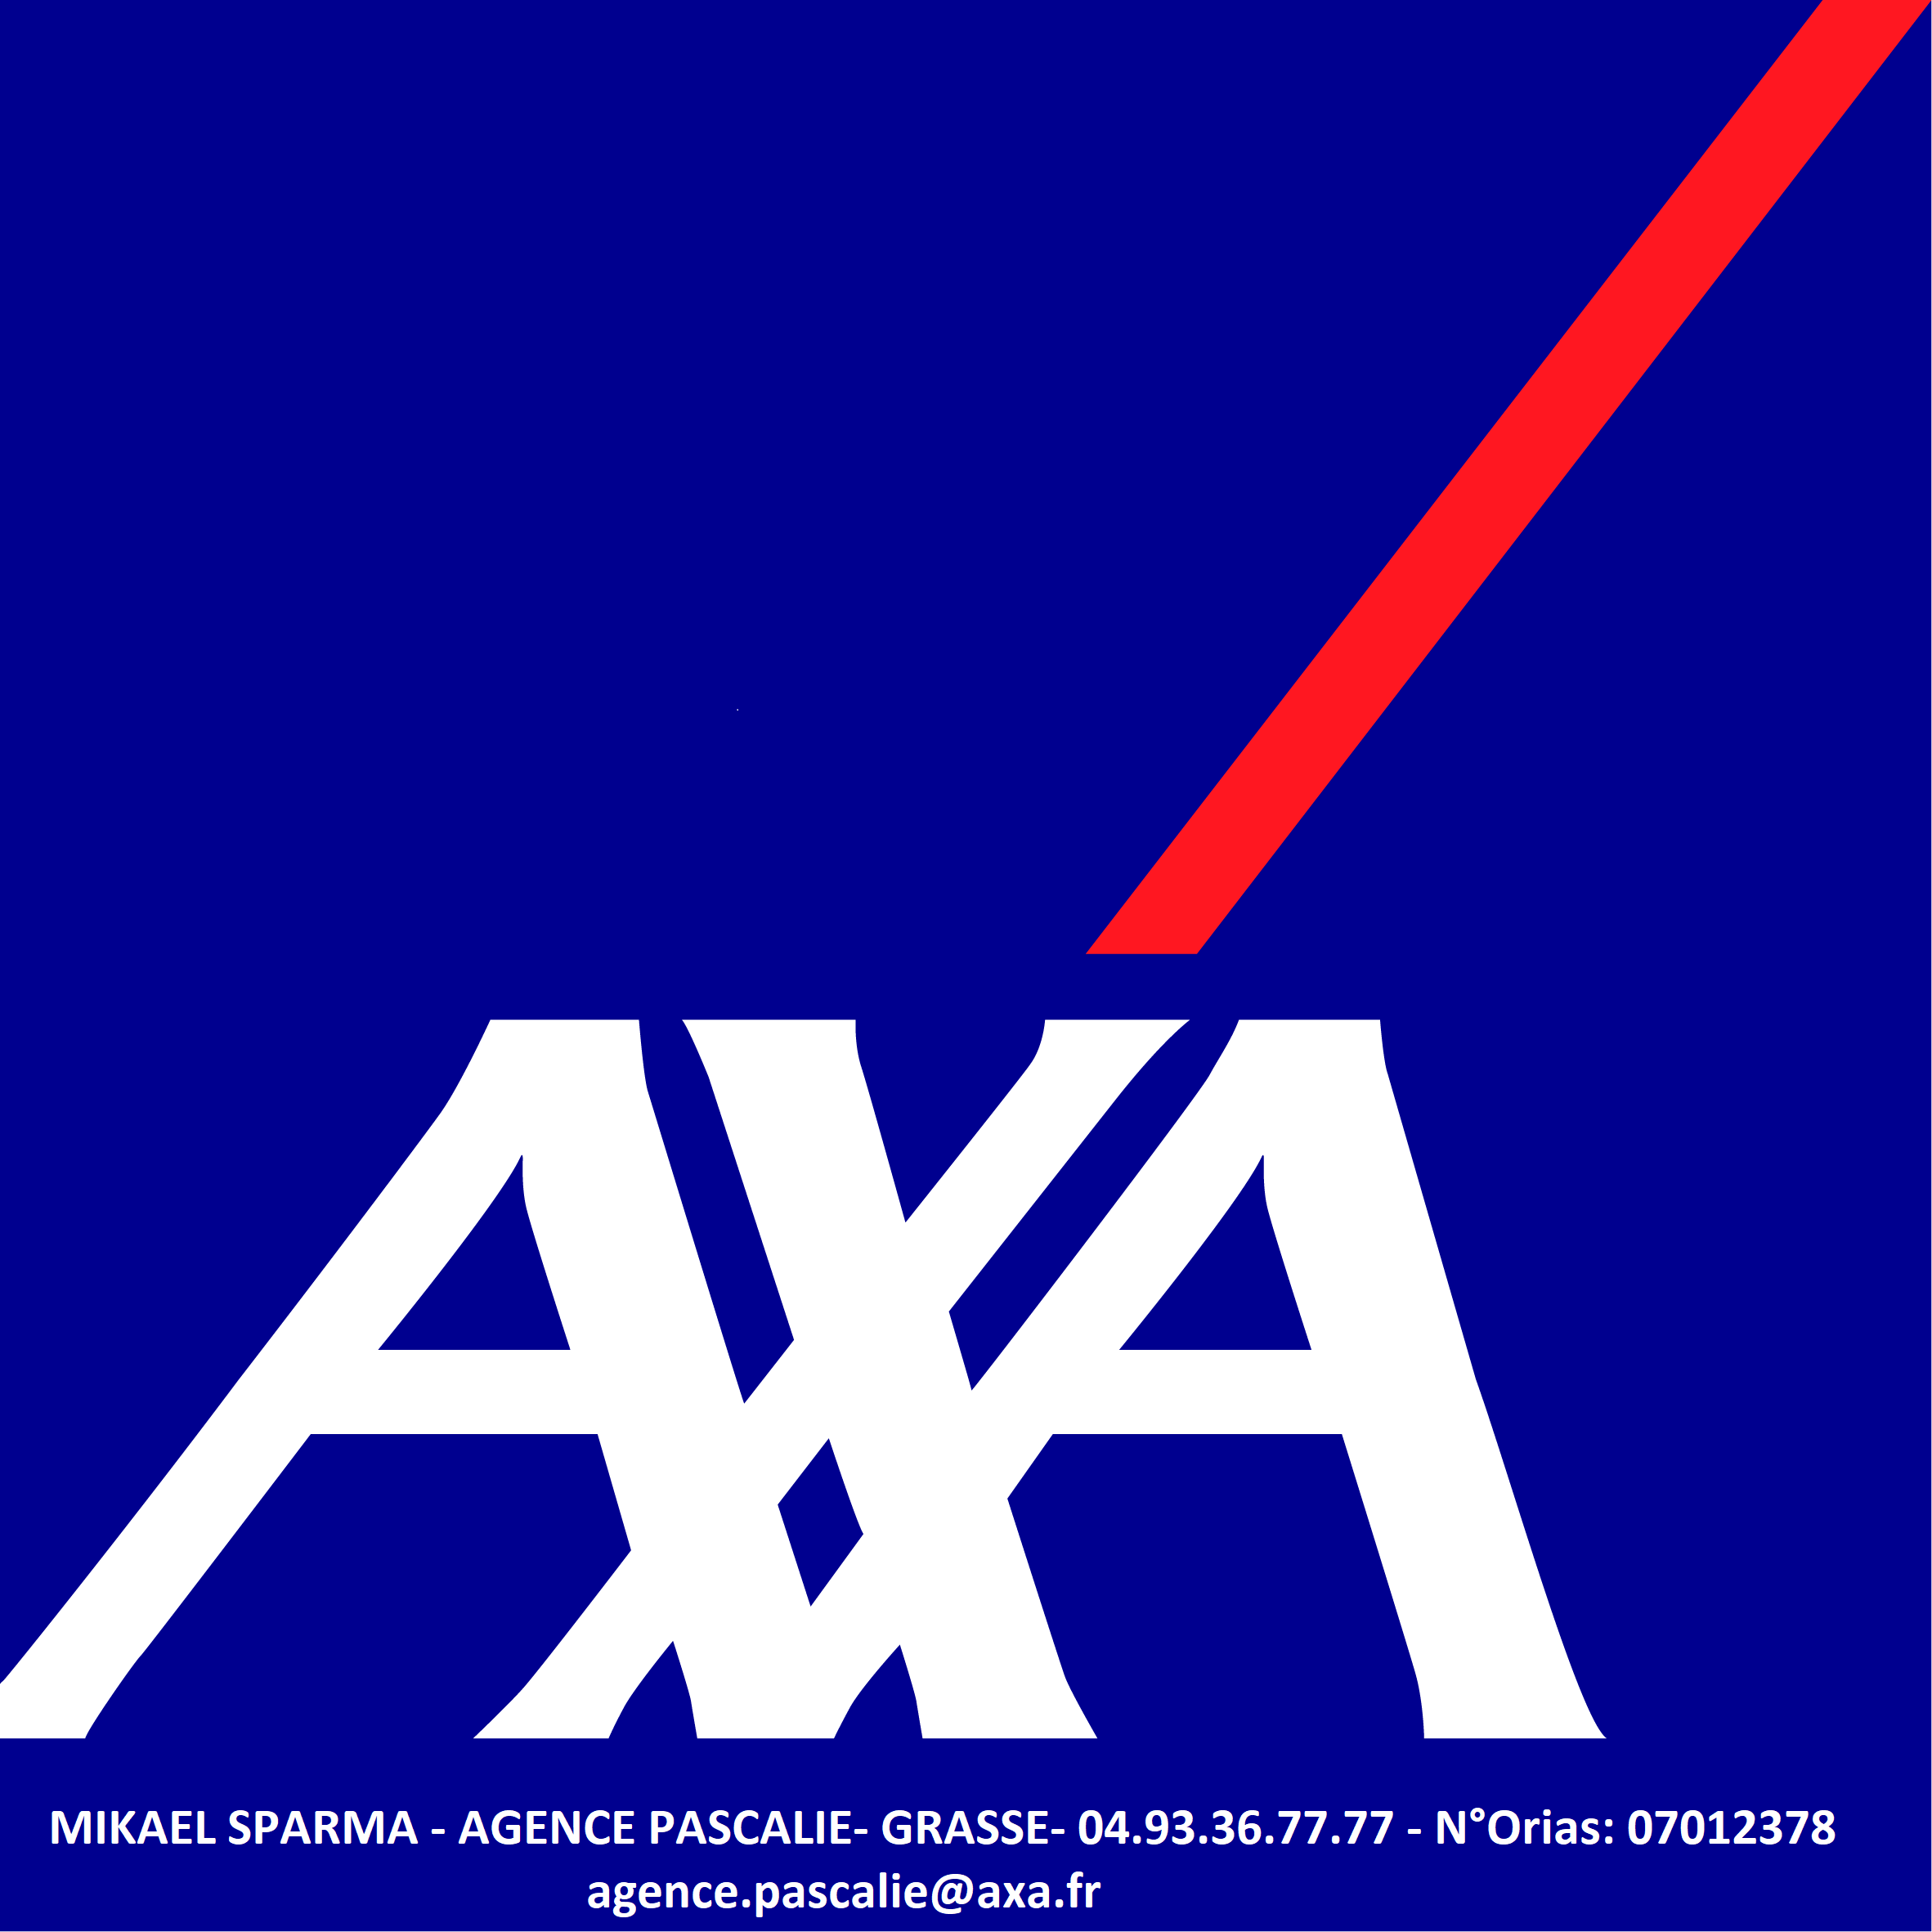 Mikaël SPARMA - AXA agence Pascalie- 67 route de Cannes 06130 Grasse- agence.pascalie@axa.fr - 04.93.36.77.77.N° Orias : 07012378